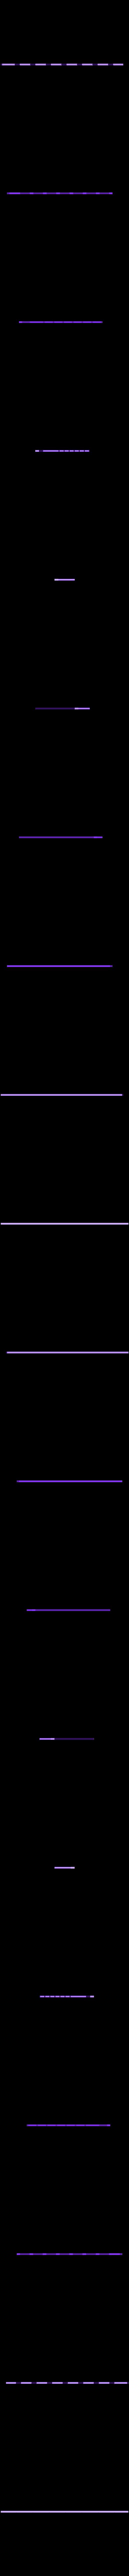 thread_spool_holder_row.stl Télécharger fichier STL gratuit Porte-fil pour la couture ou la reliure à la mouche • Design imprimable en 3D, Jakwit